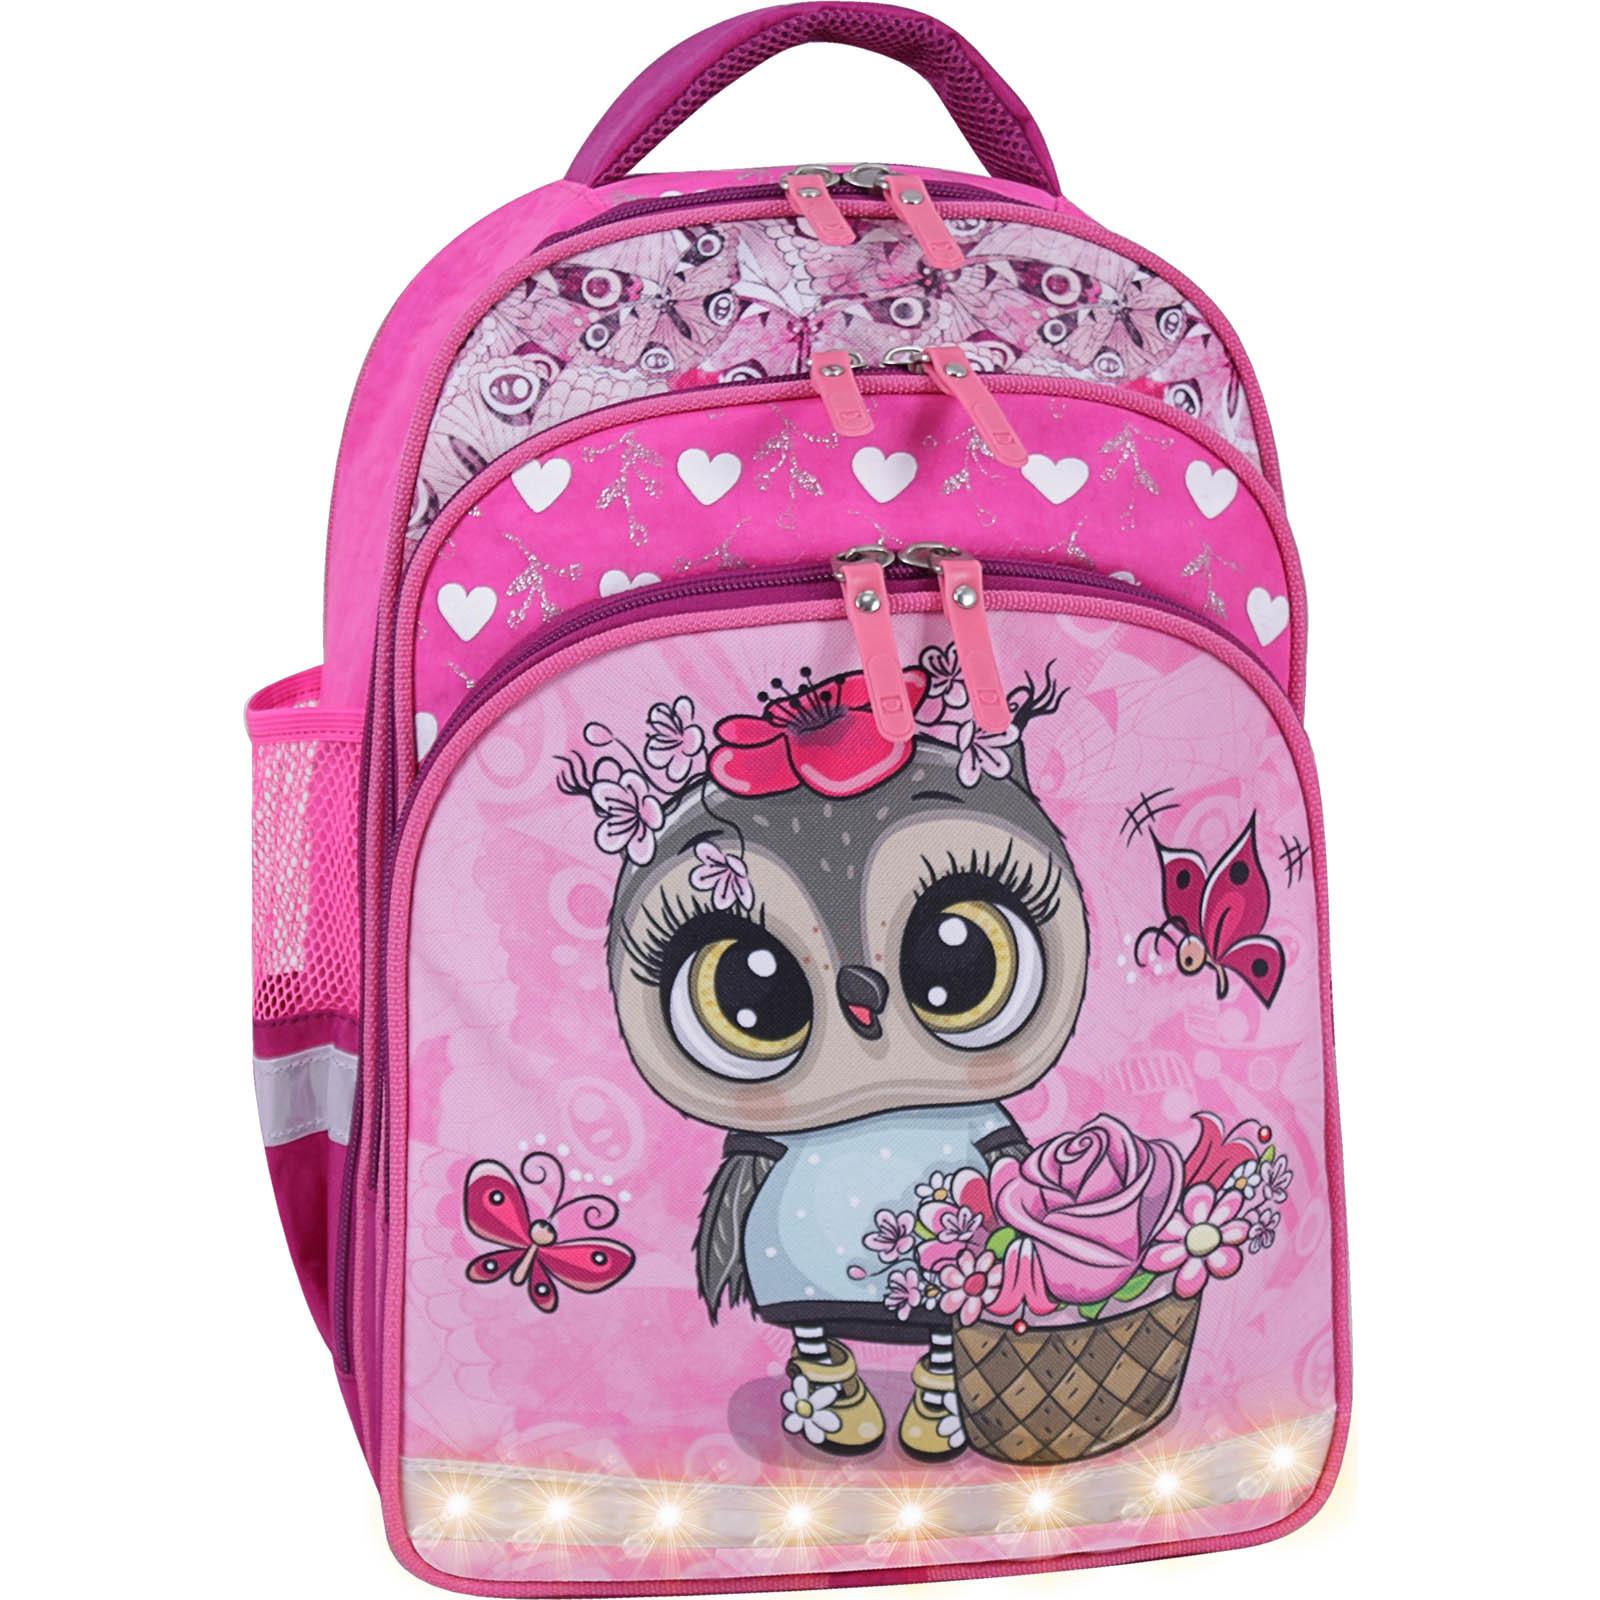 Для детей Рюкзак школьный Bagland Mouse 143 малиновый 688 (00513702) IMG_2408_суб.688_свет1600.jpg